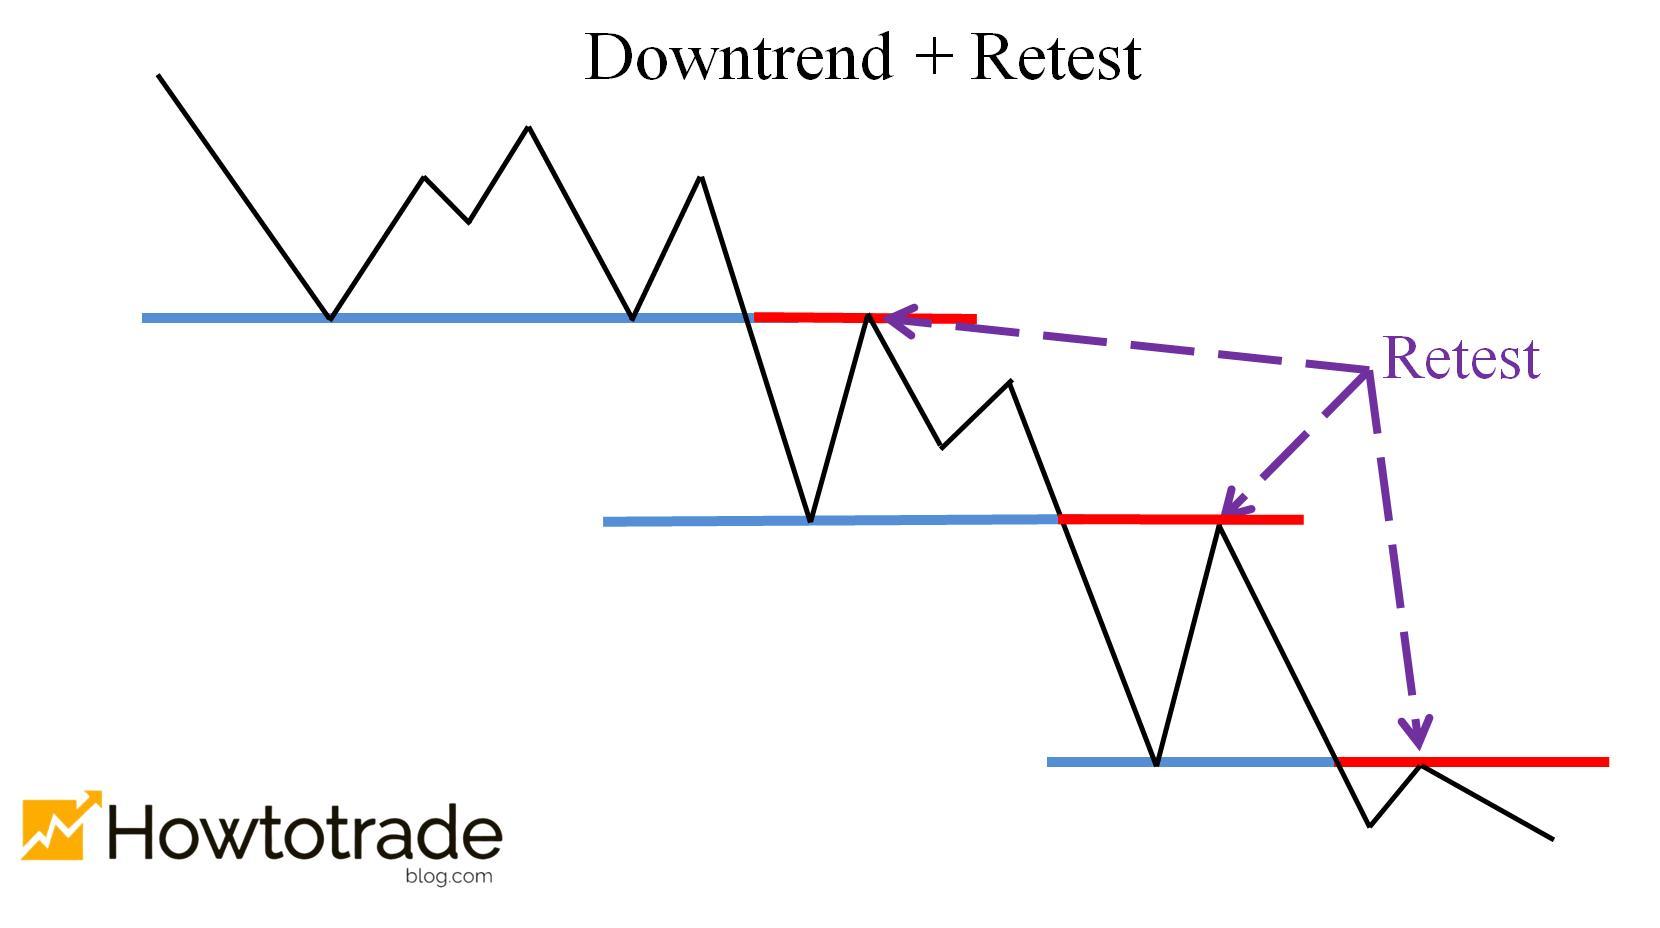 Giá phá đáy trong Downtrend và Retest